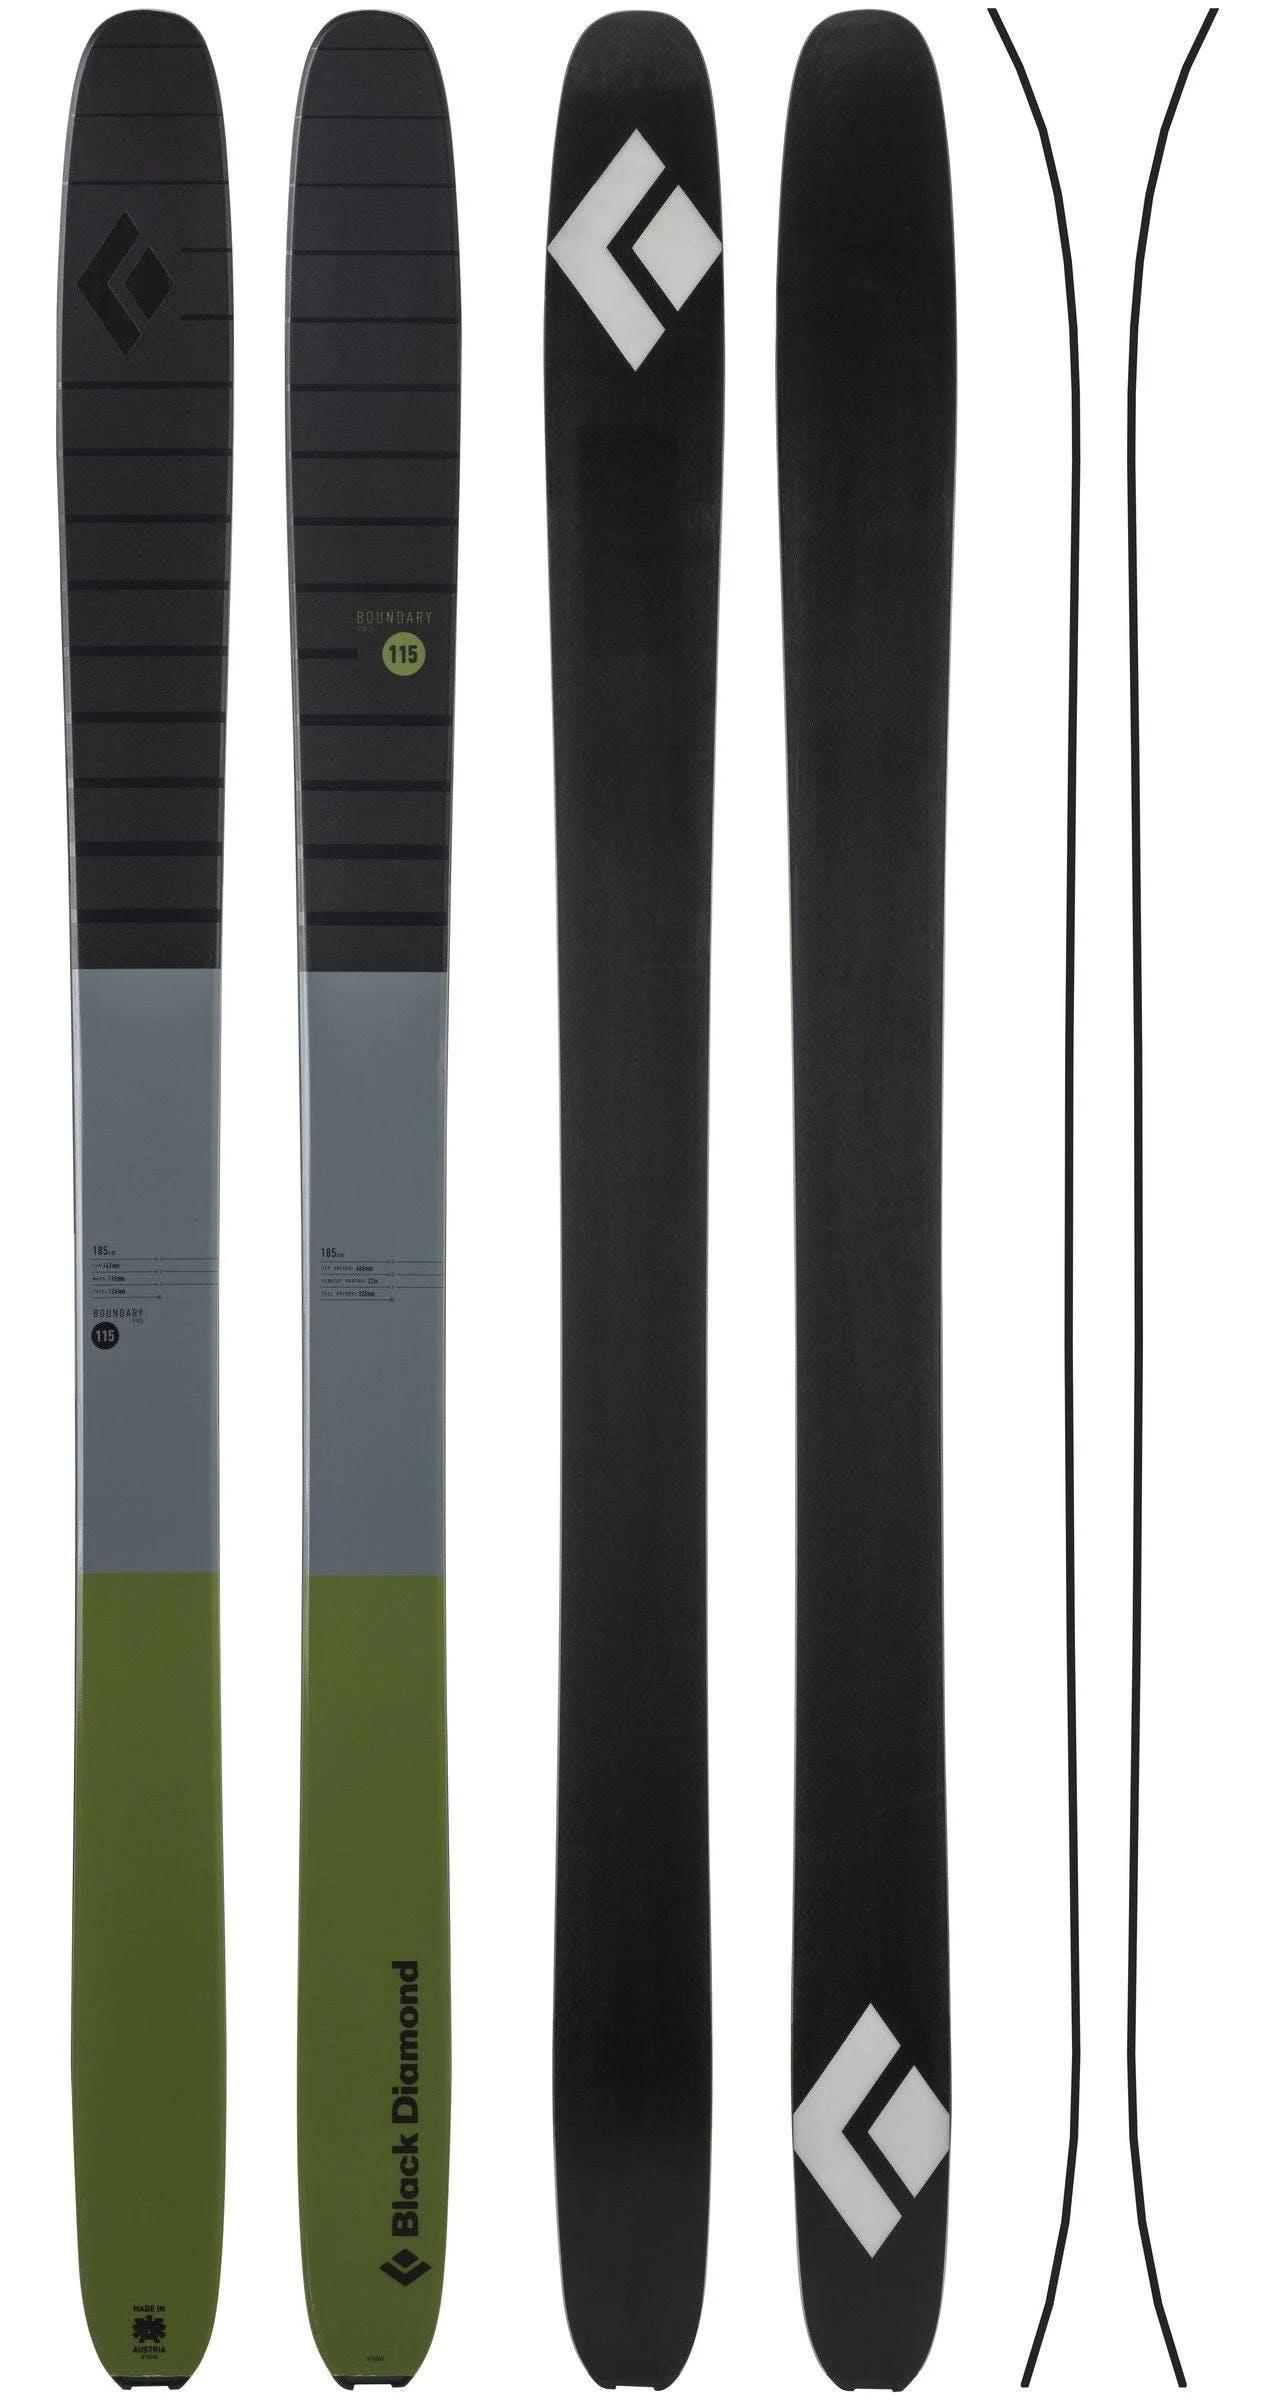 Black Diamond Boundary Pro 115 Skis Cargo